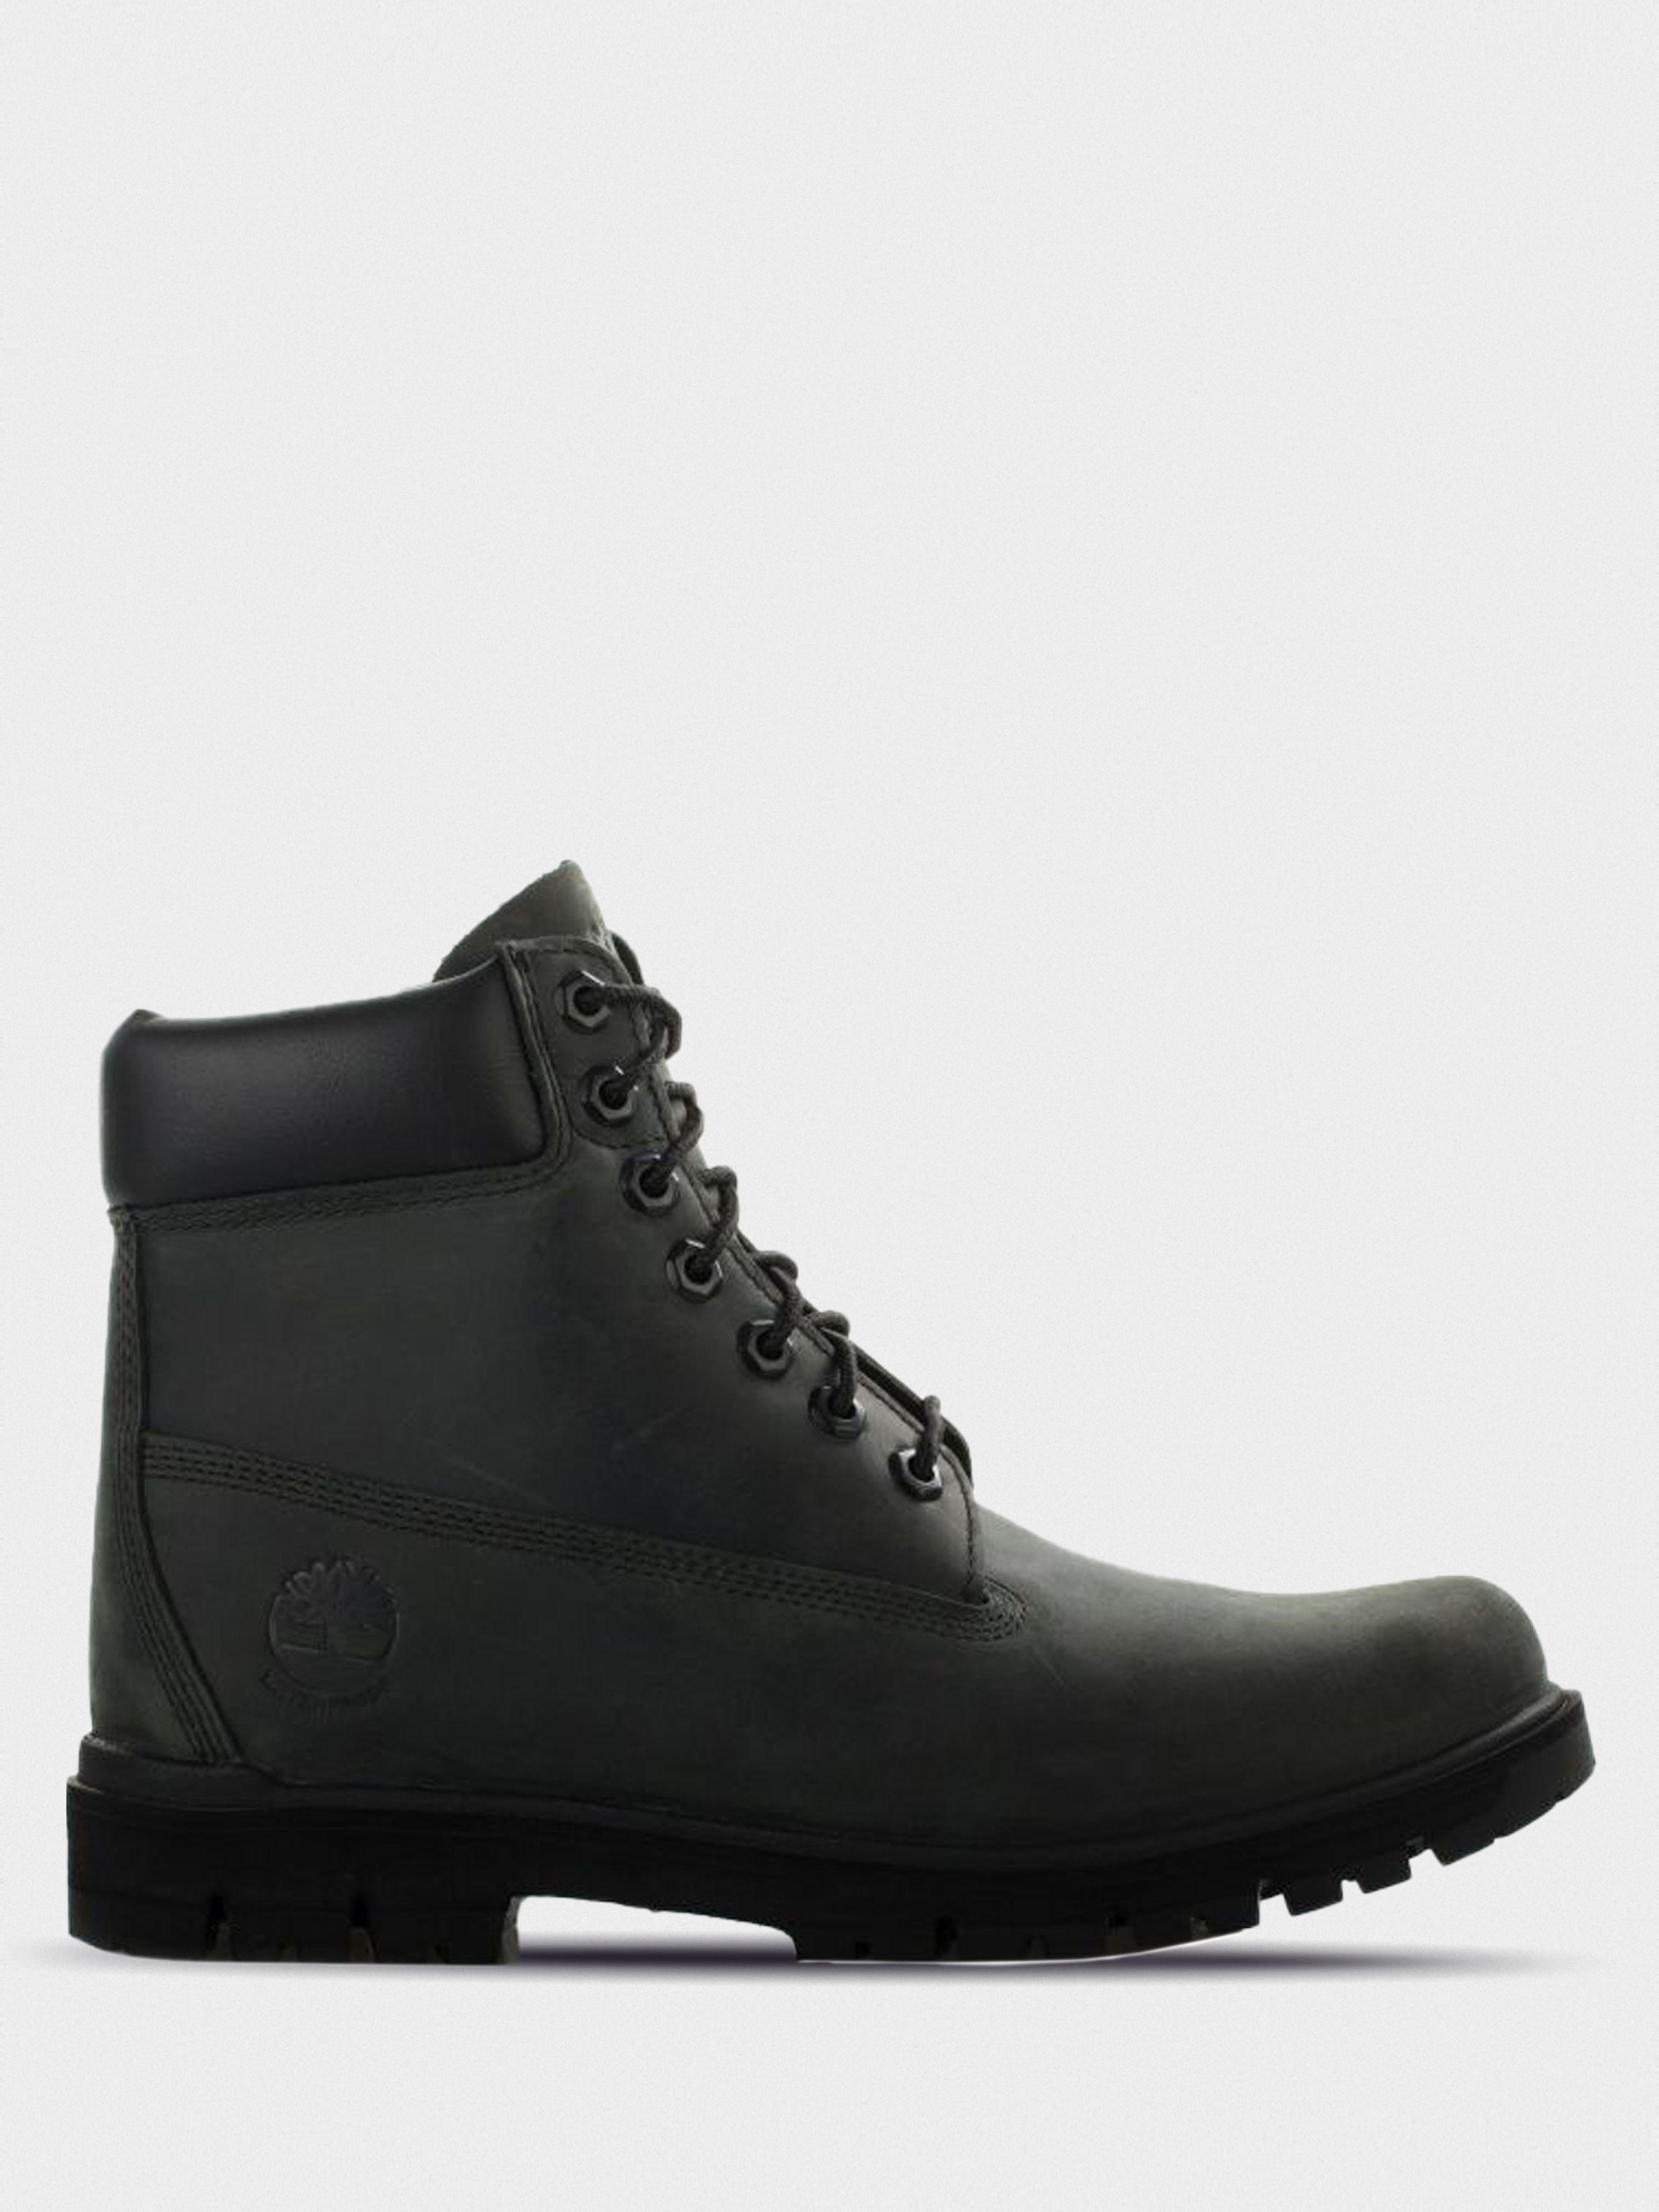 Ботинки для мужчин Timberland Radford TF3835 Заказать, 2017